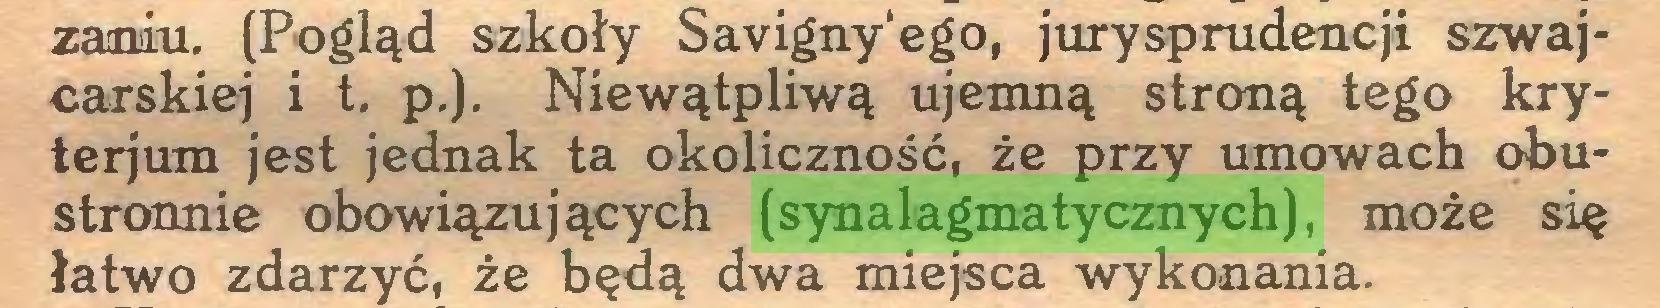 (...) zaniu. (Pogląd szkoły Savigny'ego, jurysprudencji szwajcarskiej i t. p.). Niewątpliwą ujemną stroną tego kryterjum jest jednak ta okoliczność, że przy umowach obustronnie obowiązujących (synalagmatycznych), może się łatwo zdarzyć, że będą dwa miejsca wykonania...